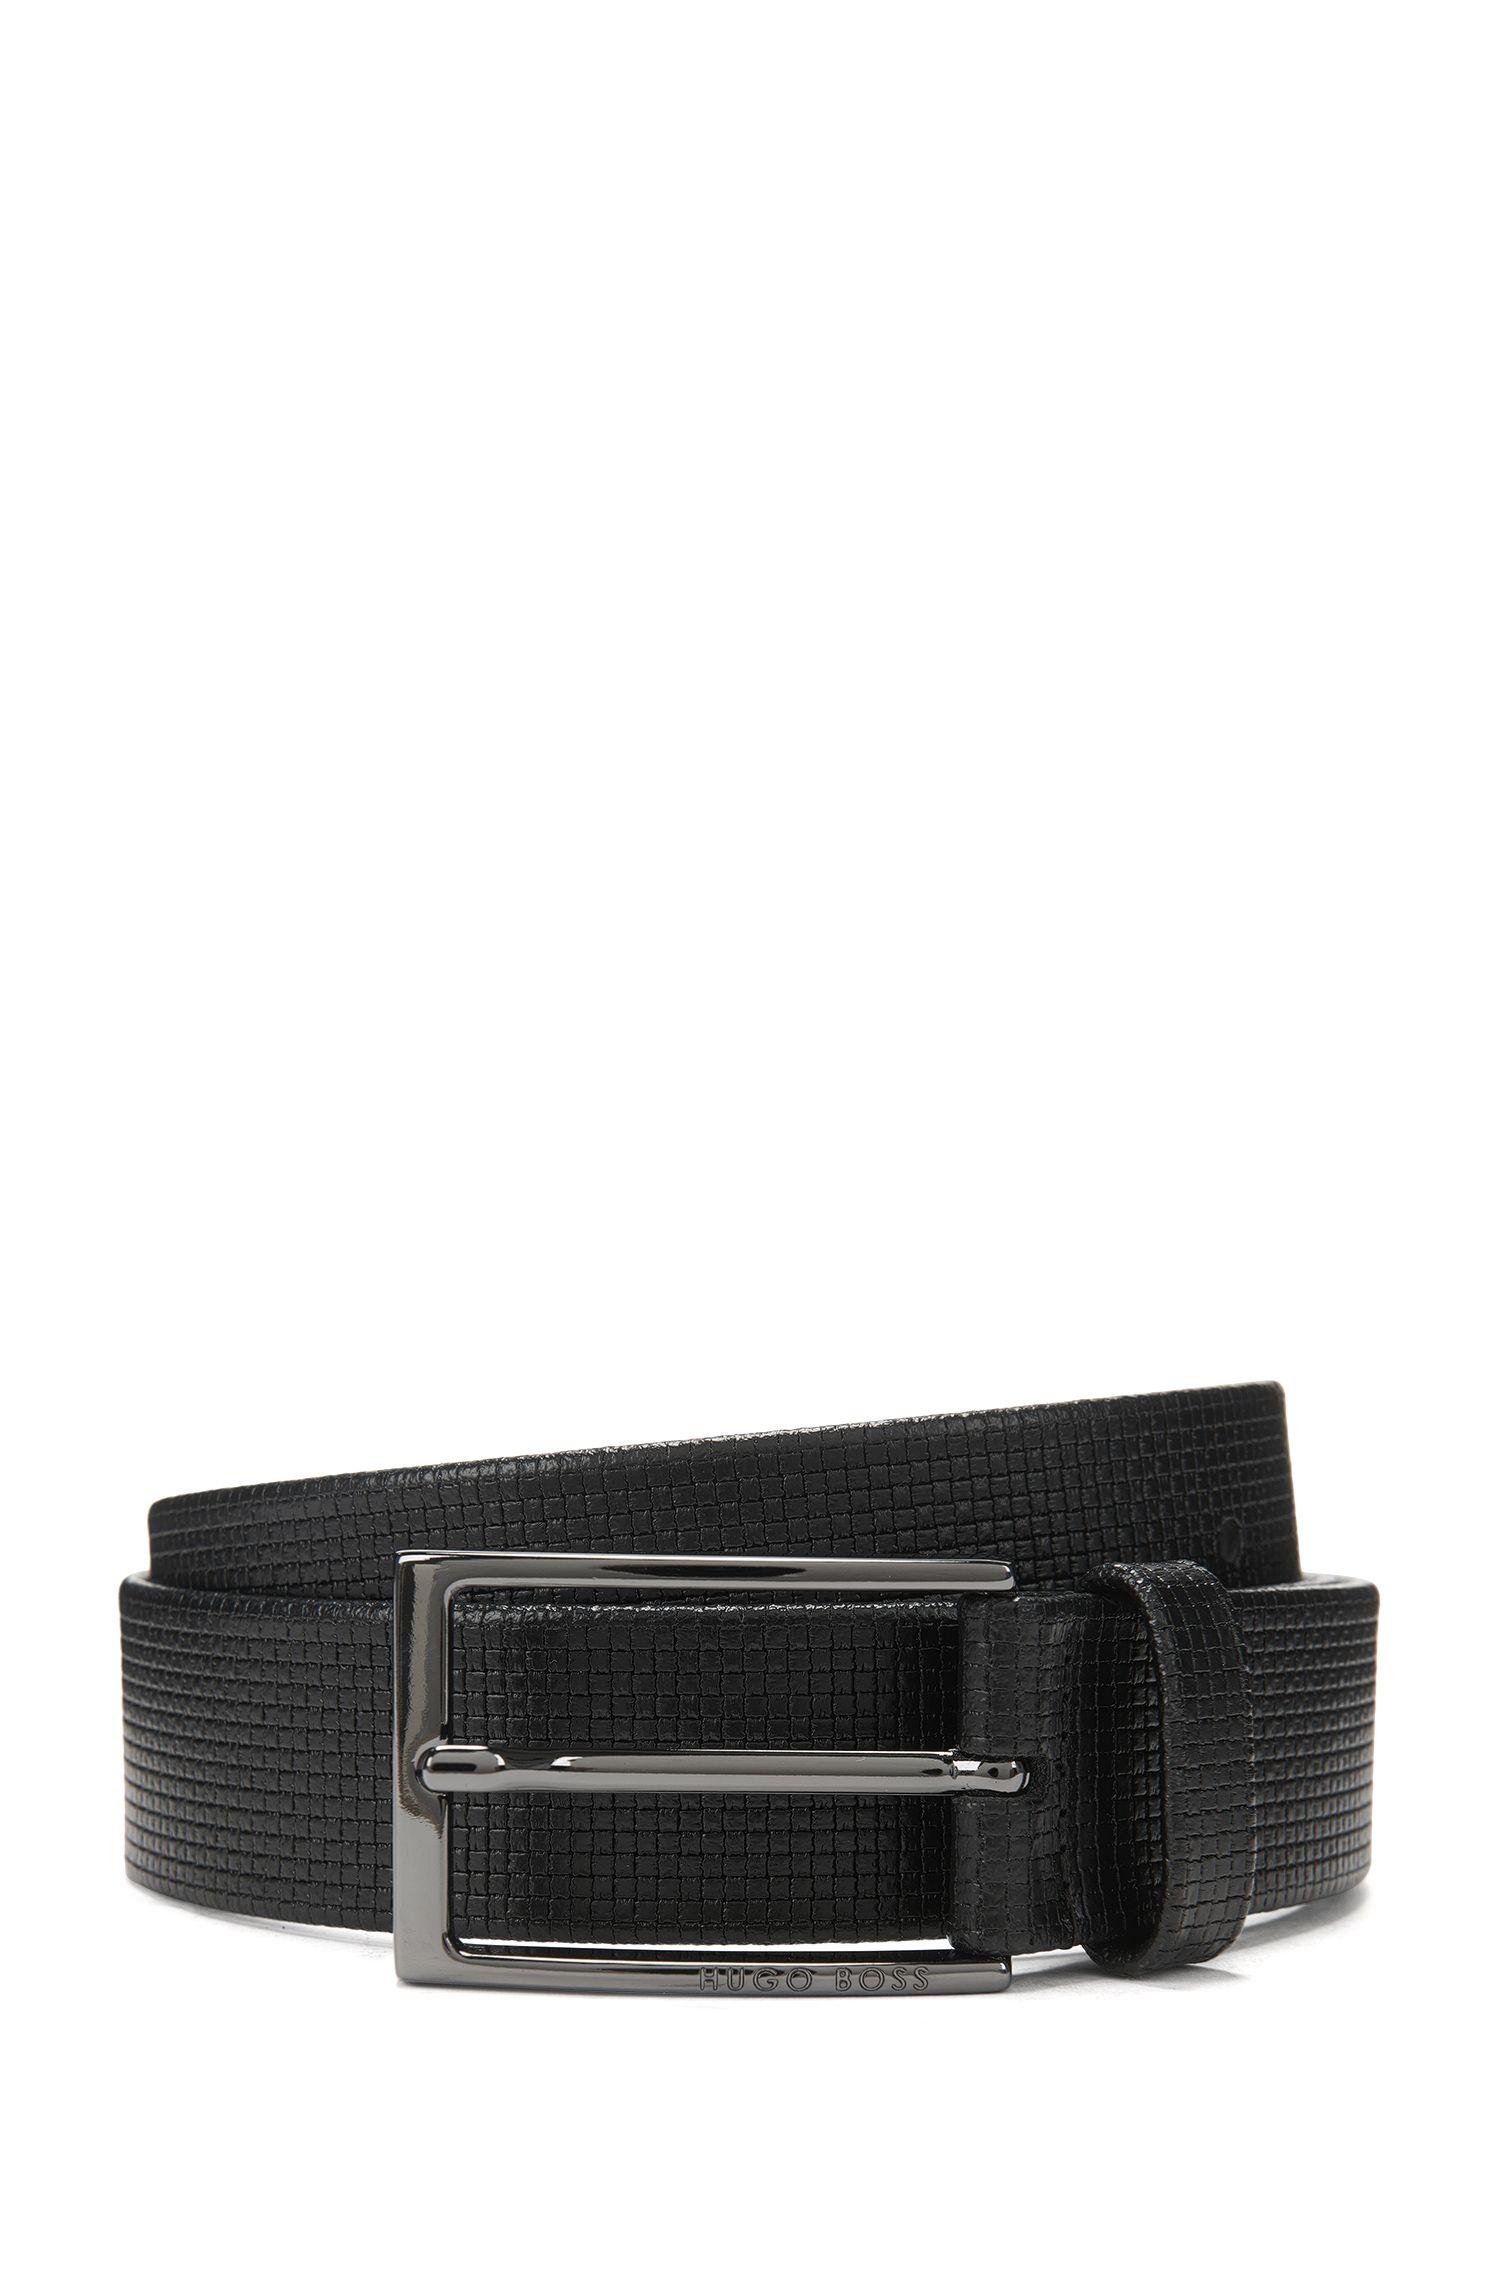 Geprägter Ledergürtel mit polierten Metall-Details